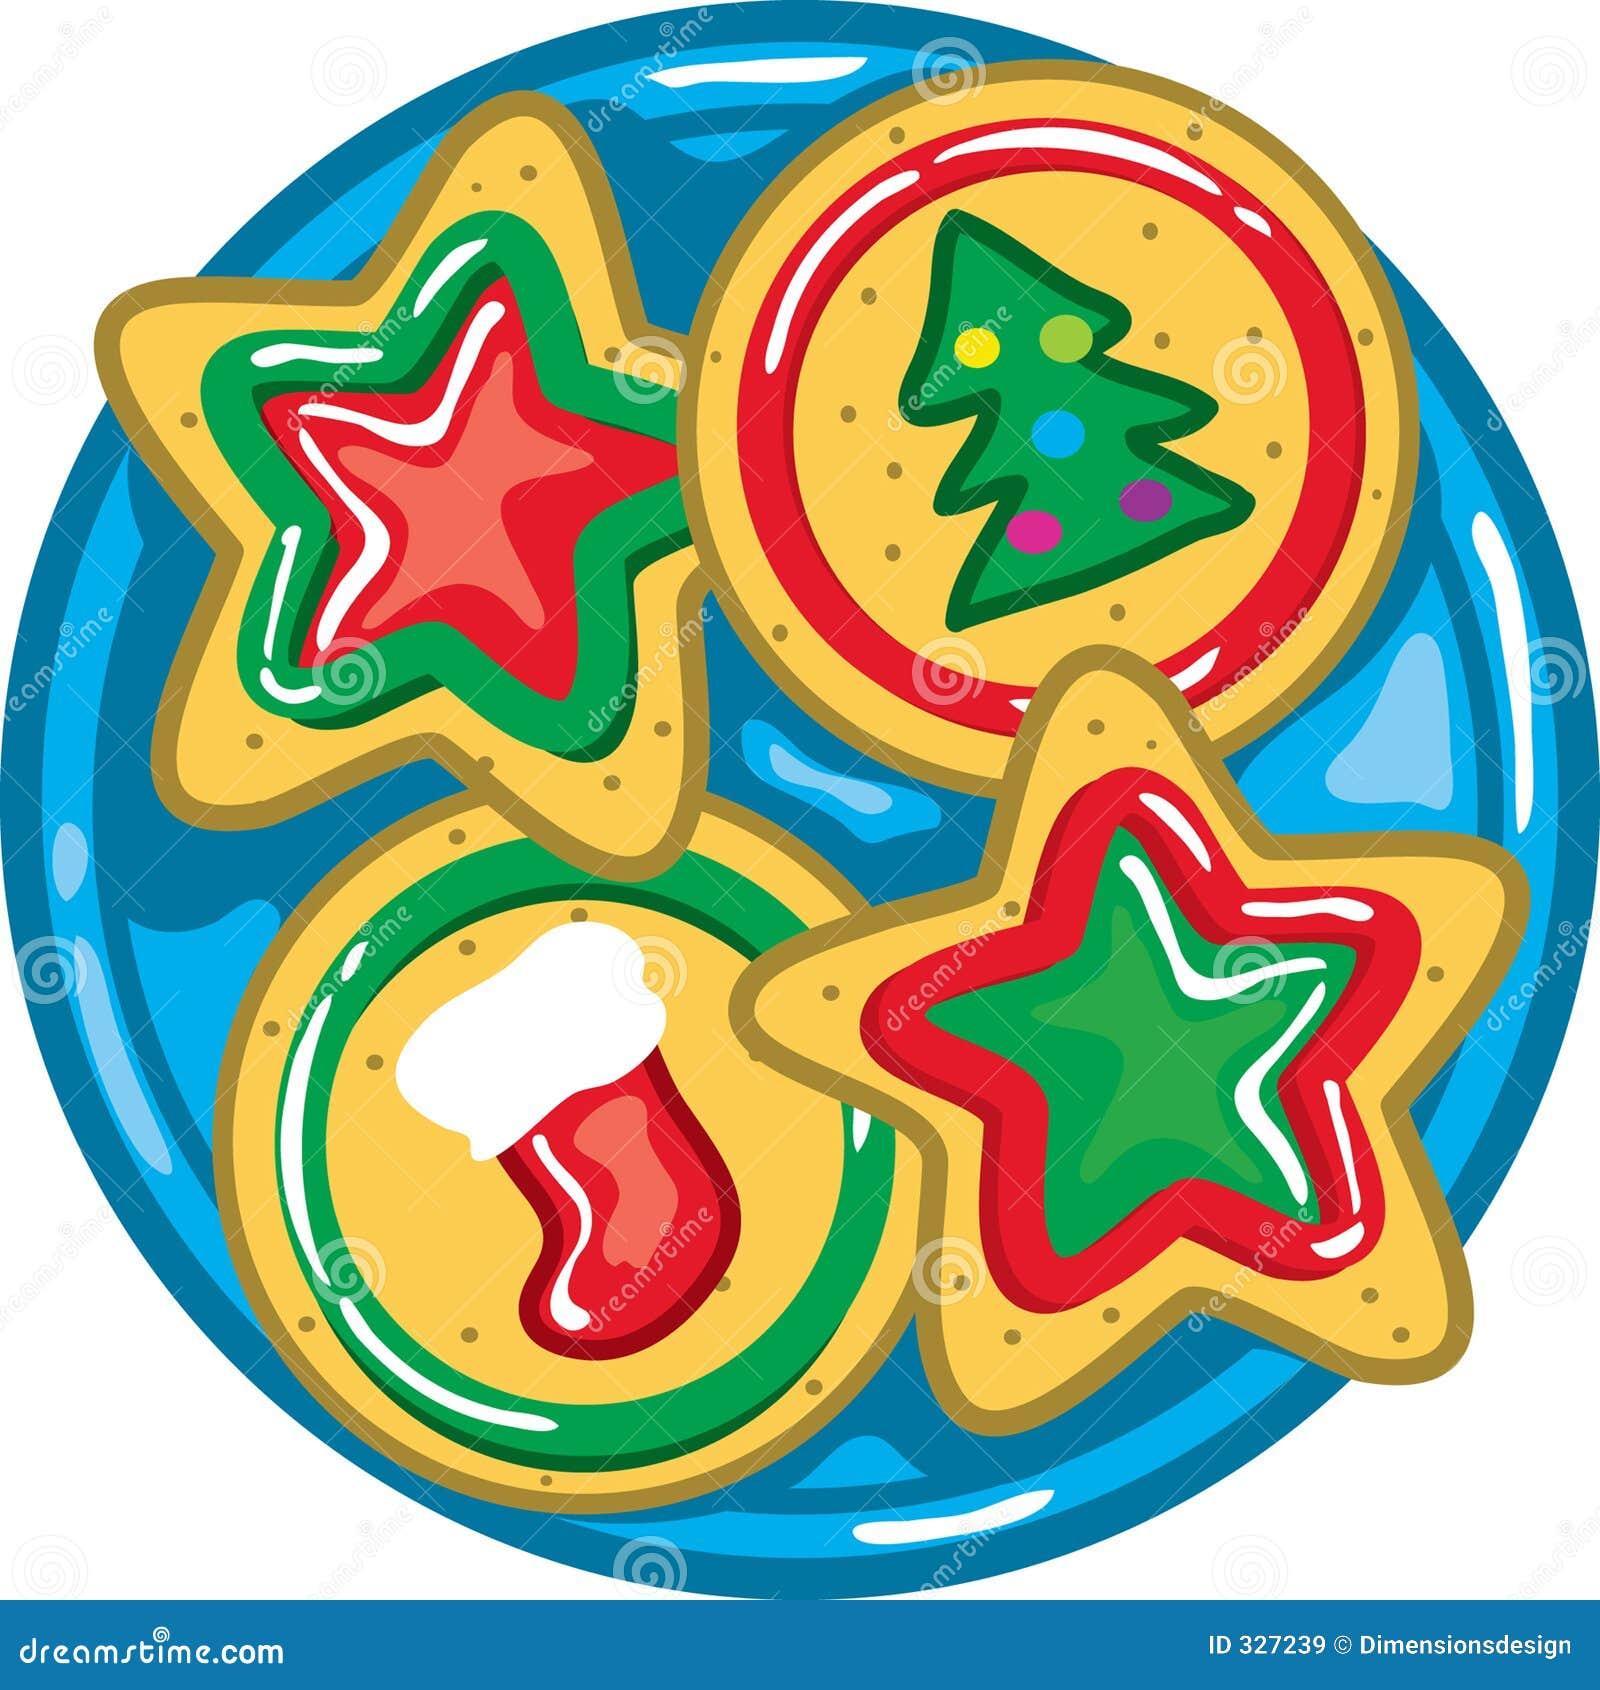 Weihnachtsplätzchen Clipart.Weihnachtsplätzchen Auf Einer Platte Vektor Abbildung Illustration